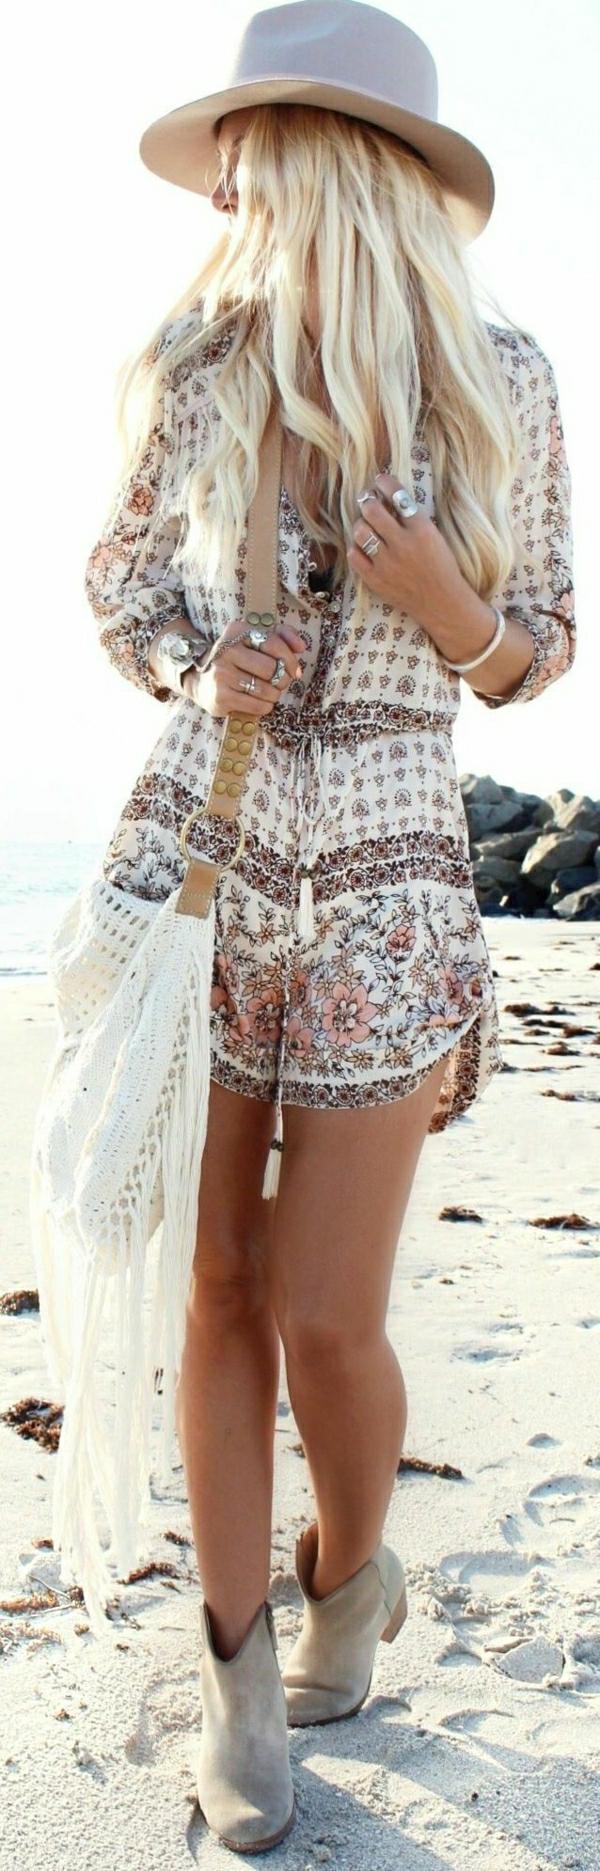 1-sac-a-plage-femme-blonde-chapeau-de-plage-tenue-coloré